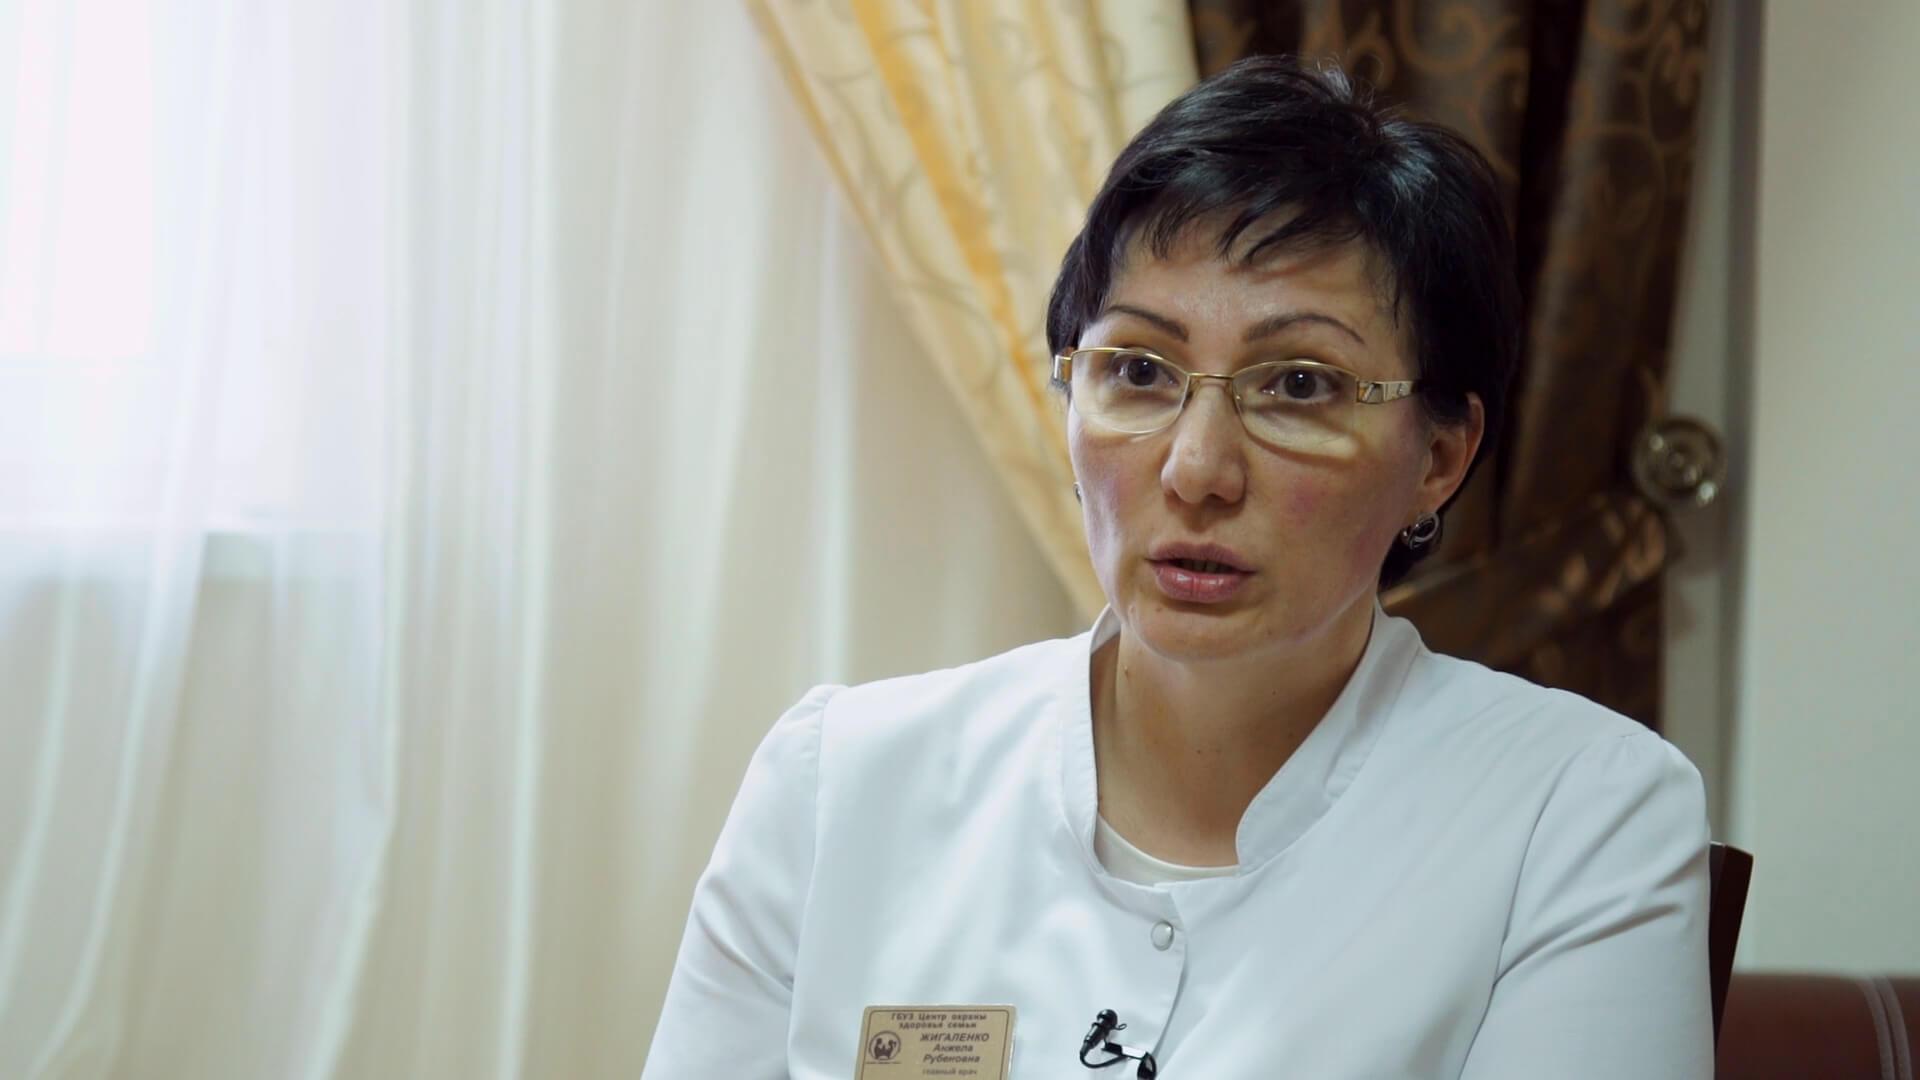 Интервью с главным врачом краевого центра репродукции Анжелой Жигаленко